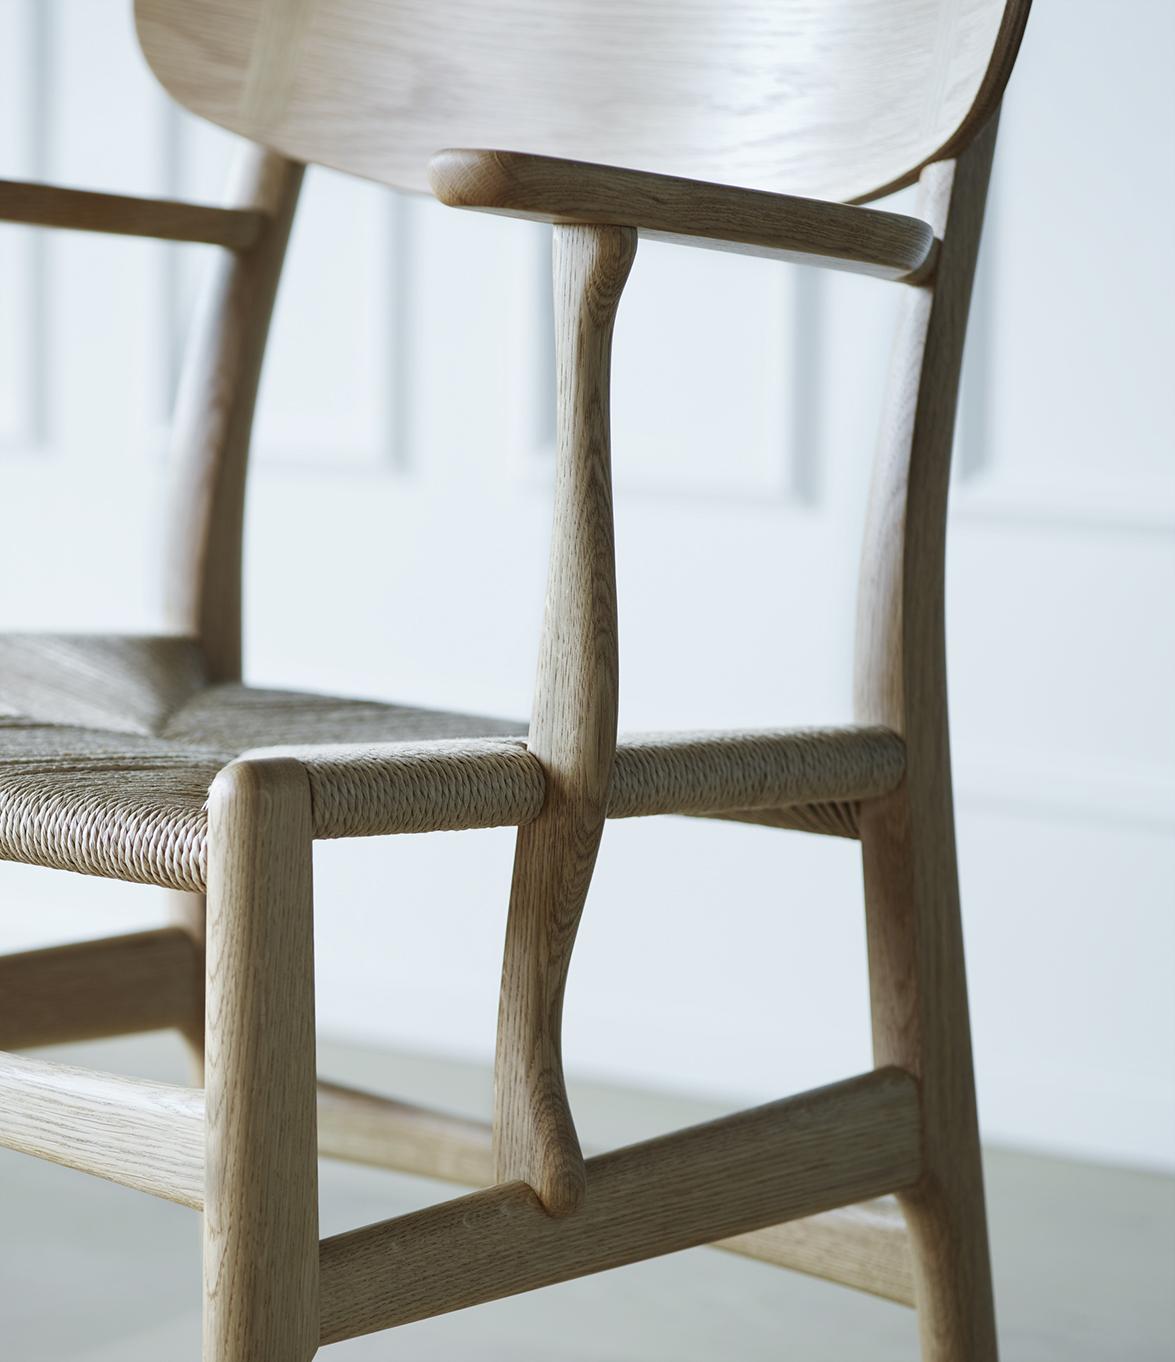 Wegner_CH26-oak_detail_armrest